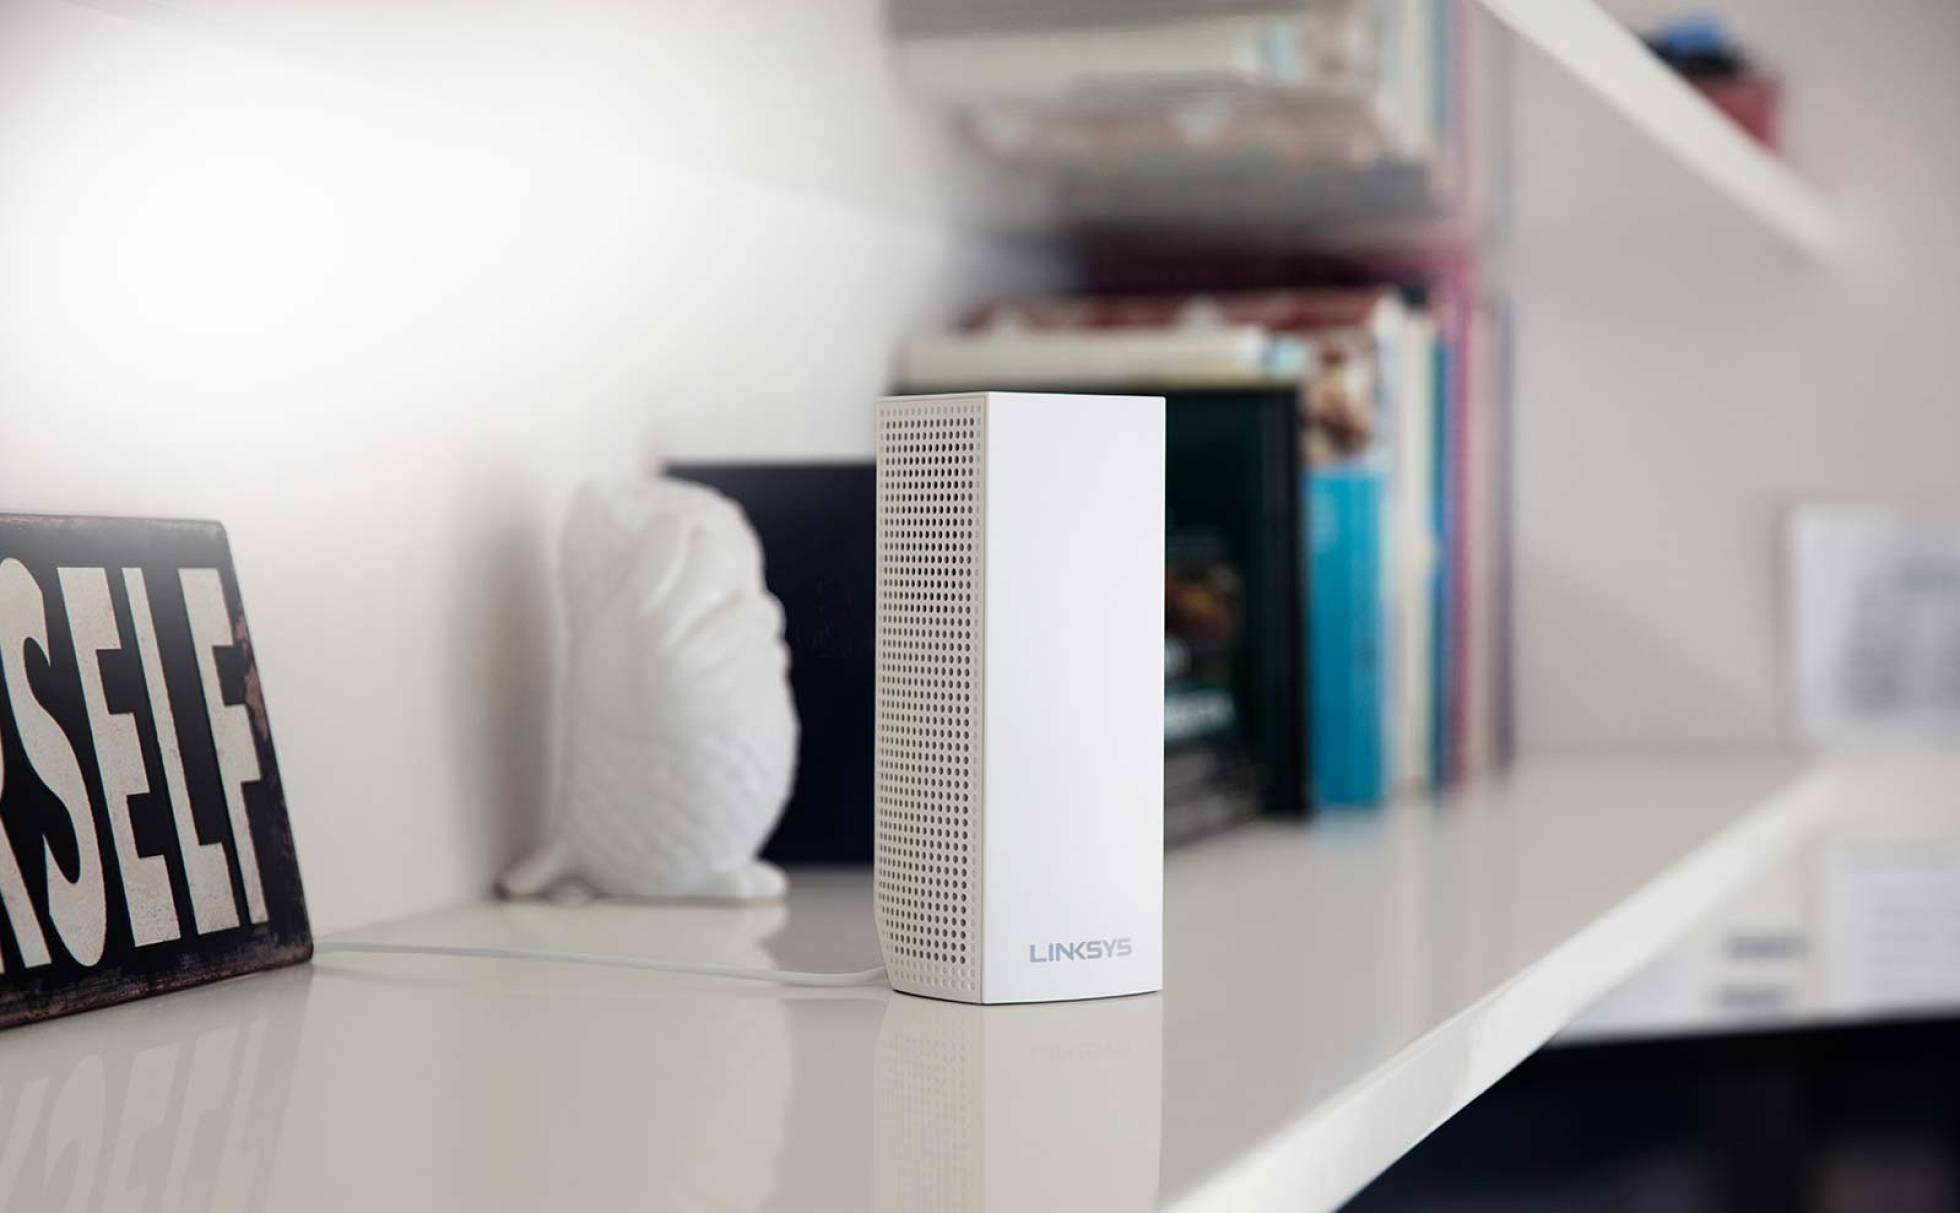 LinkSys offre un servizio per di rivelare la presenza di persone con il WiFI